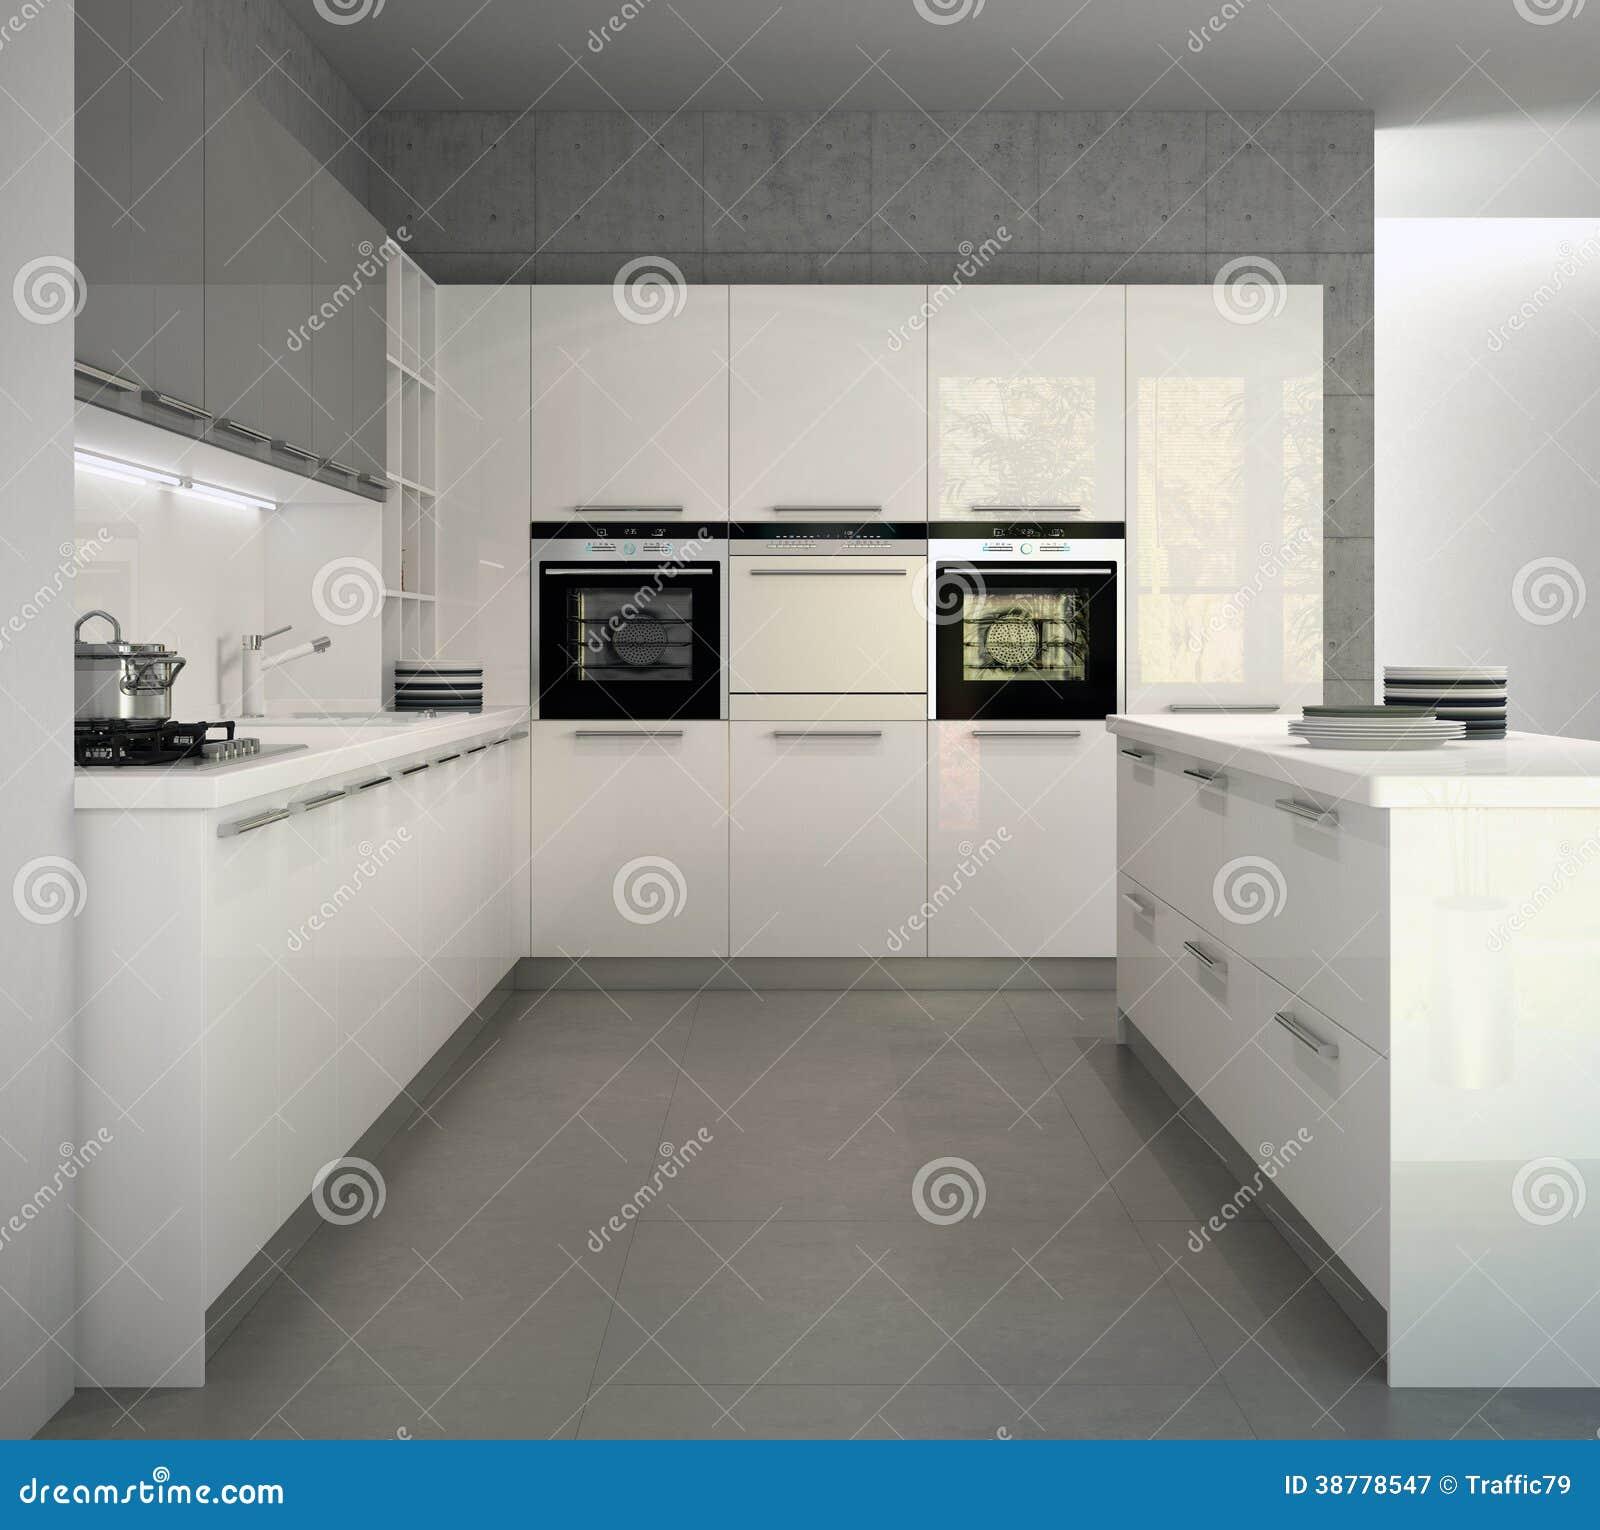 Cuisine Moderne Brillante Blanche Dans Un Int Rieur